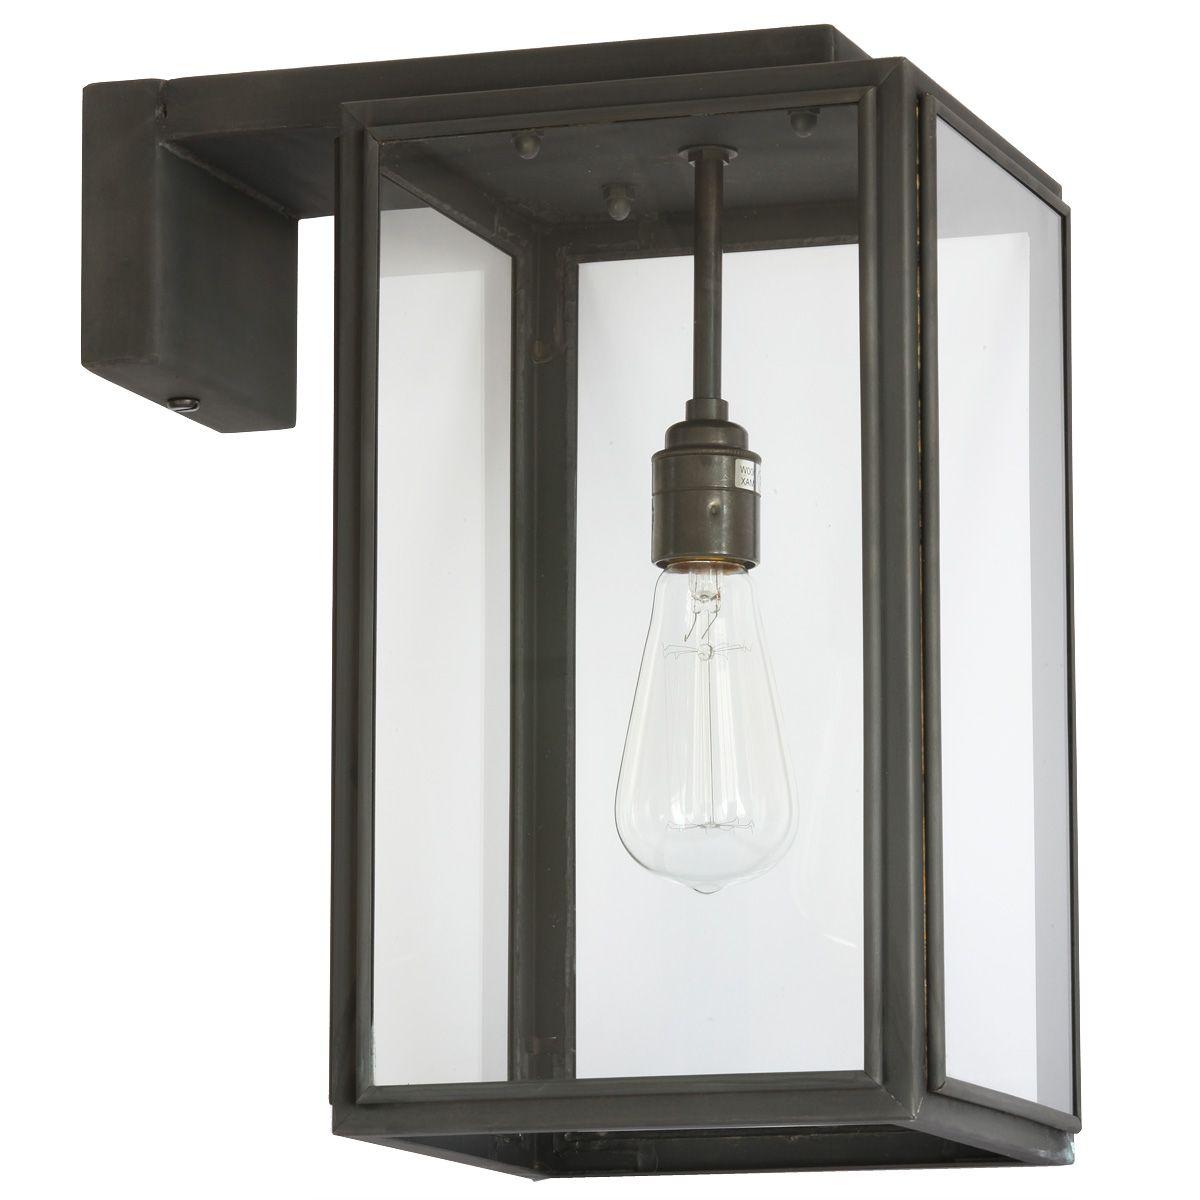 Bauhaus Aussenleuchte Mit Wandarm Portico Small Von Davey Lighting